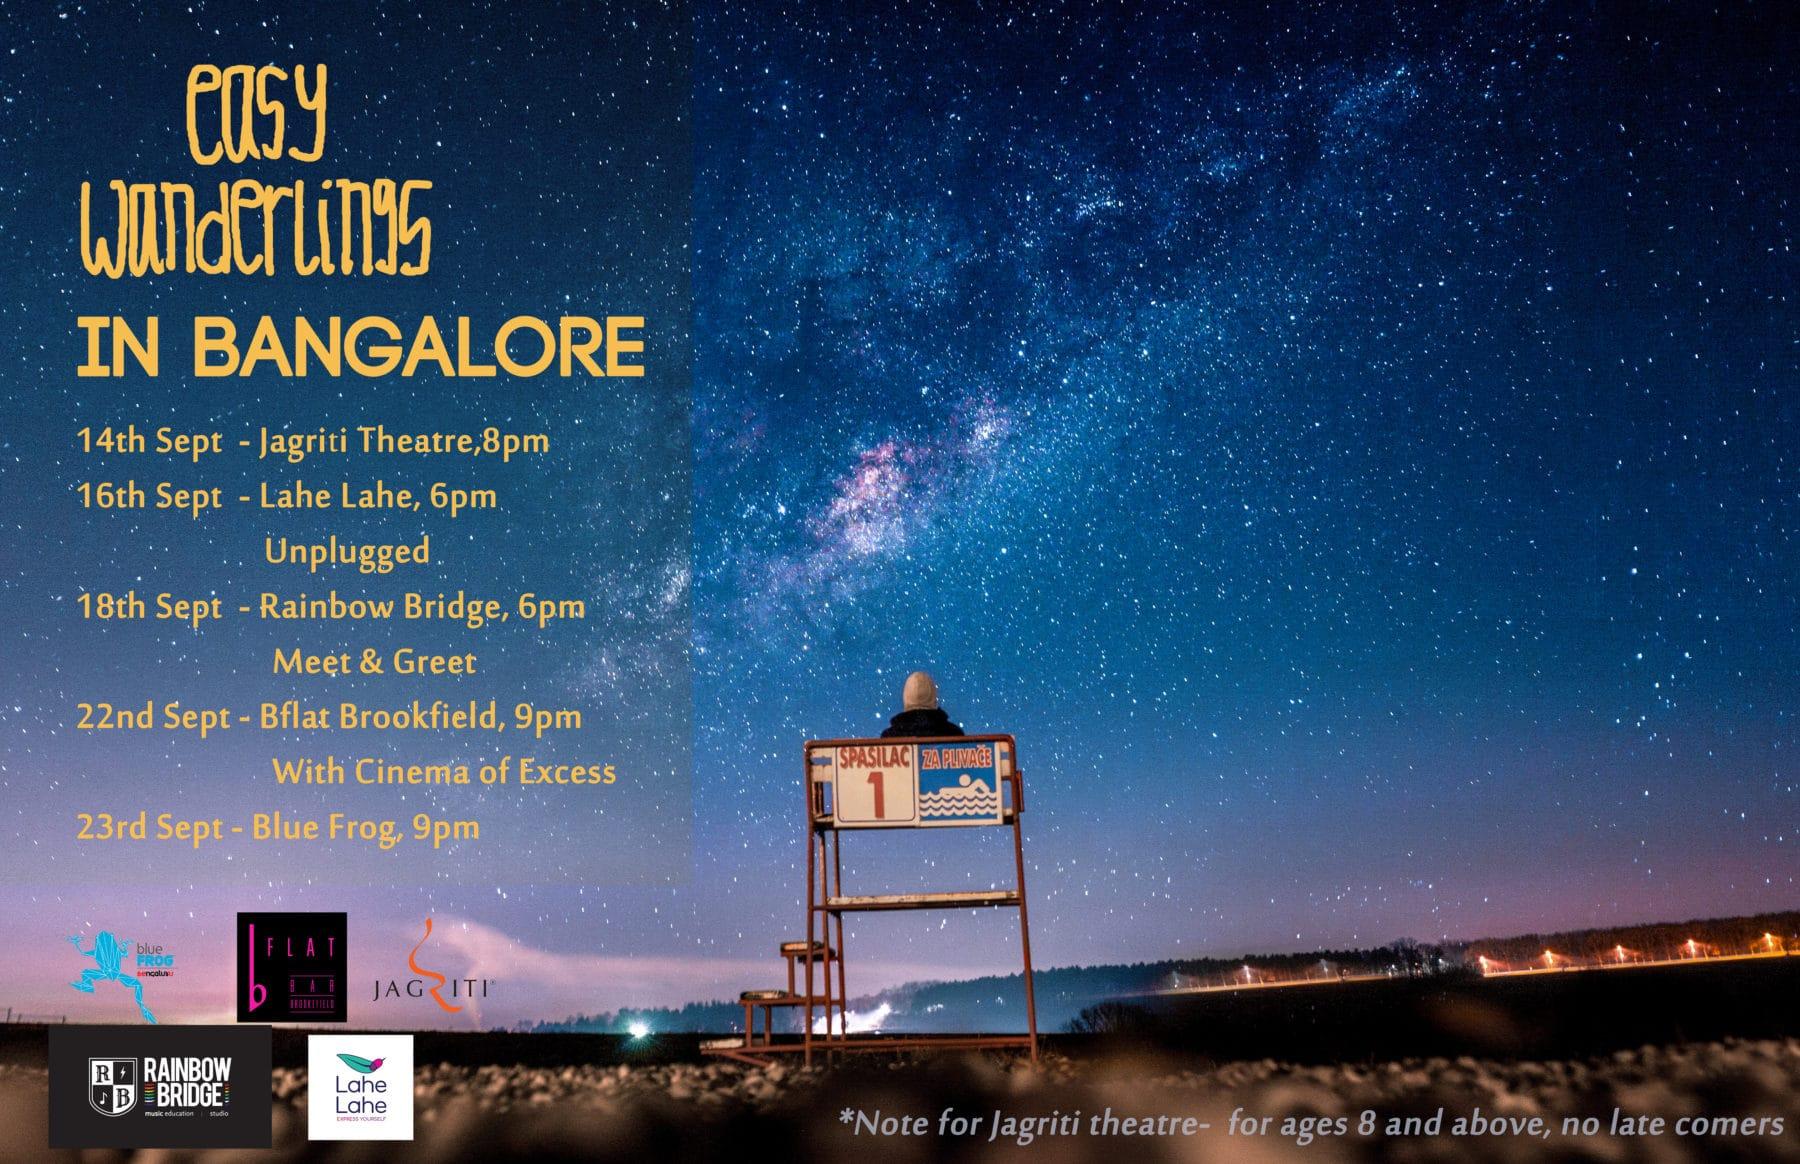 Easy Wanderlings in Bangalore